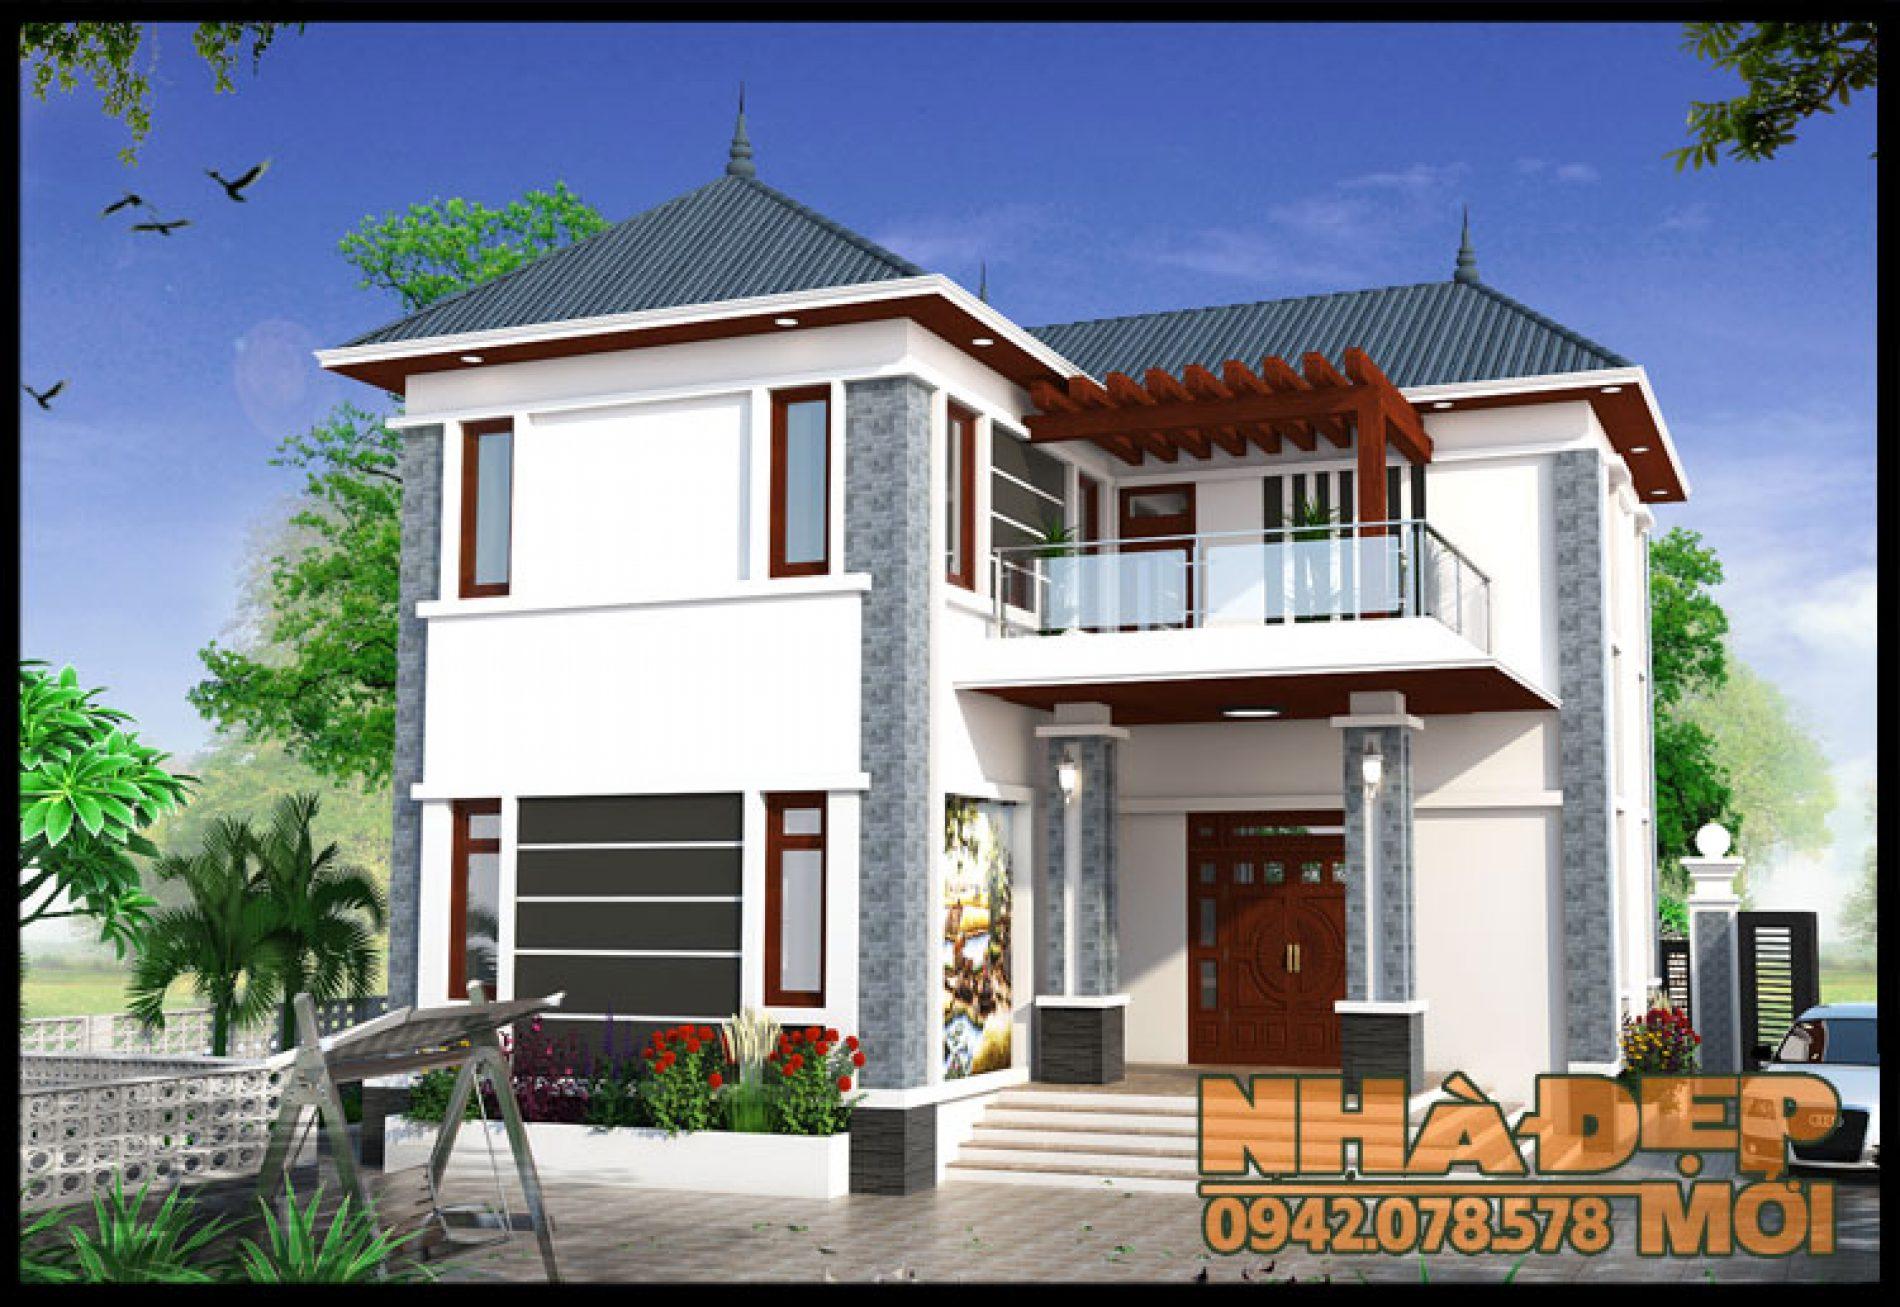 Biệt thự mini đẹp 2 tầng 11x11m chữ L tại Kim Sơn-Ninh Bình-VNB060517